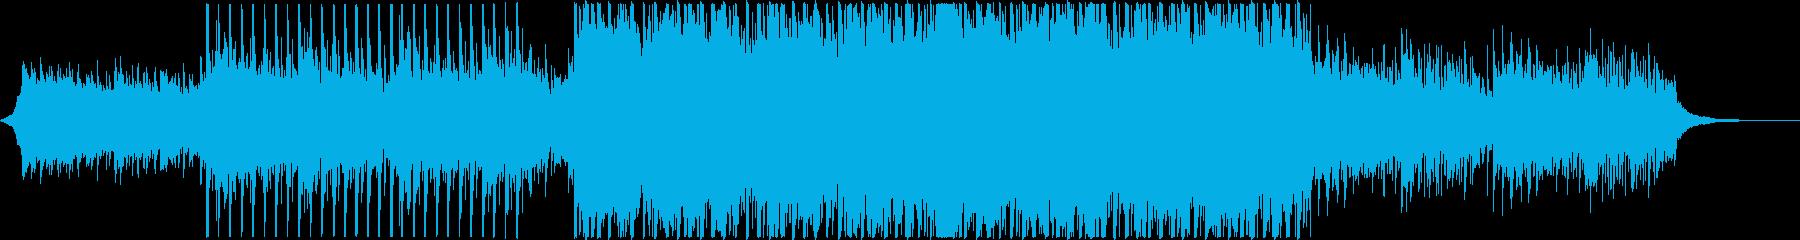 企業VP映像01/爽やか疾走感Aの再生済みの波形